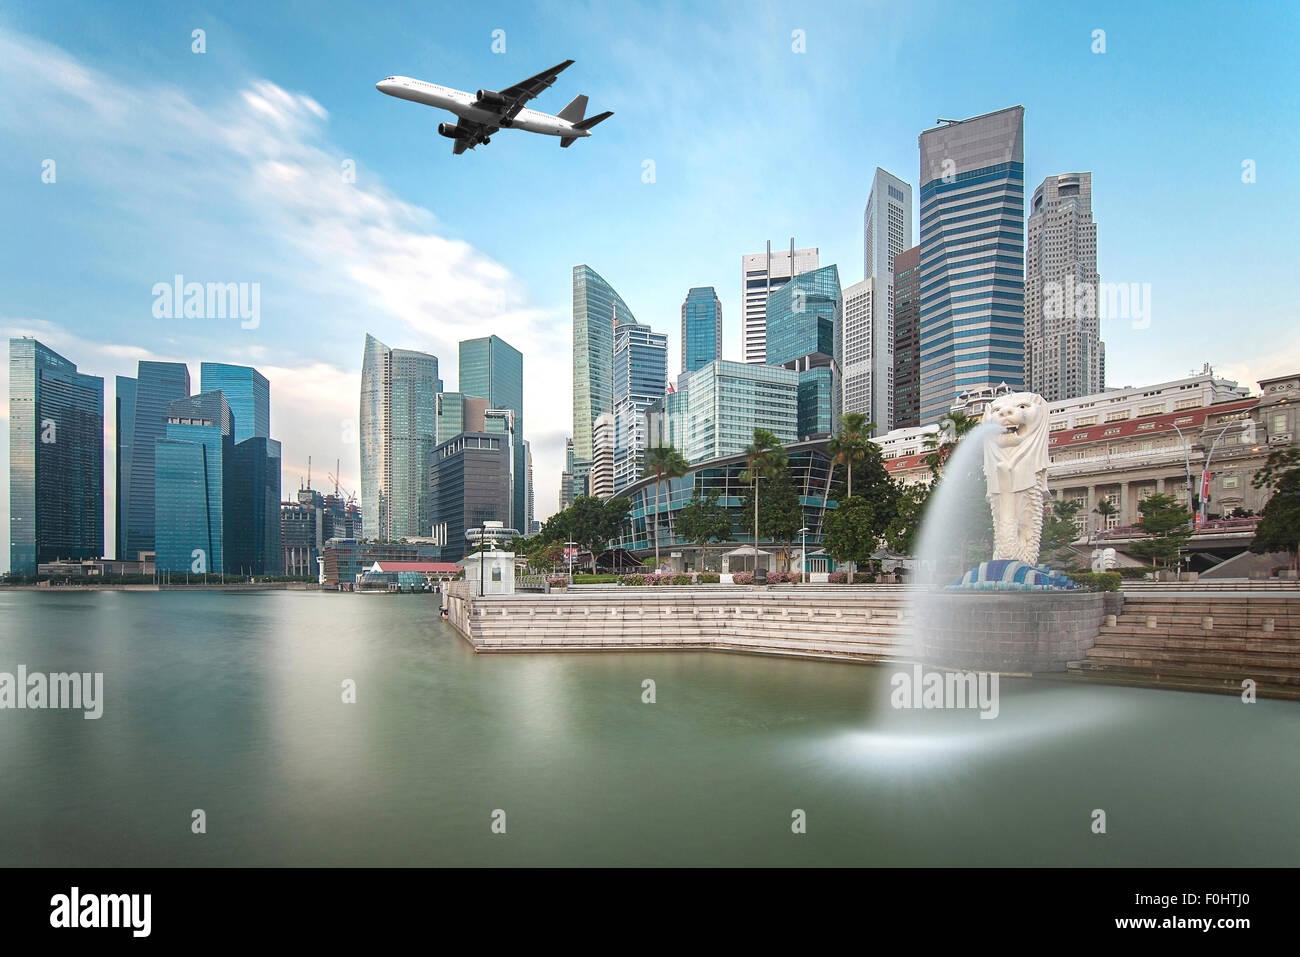 Viajes y Transporte, concepto - avión sobrevolando la ciudad de Singapur en la mañana tiempo Imagen De Stock